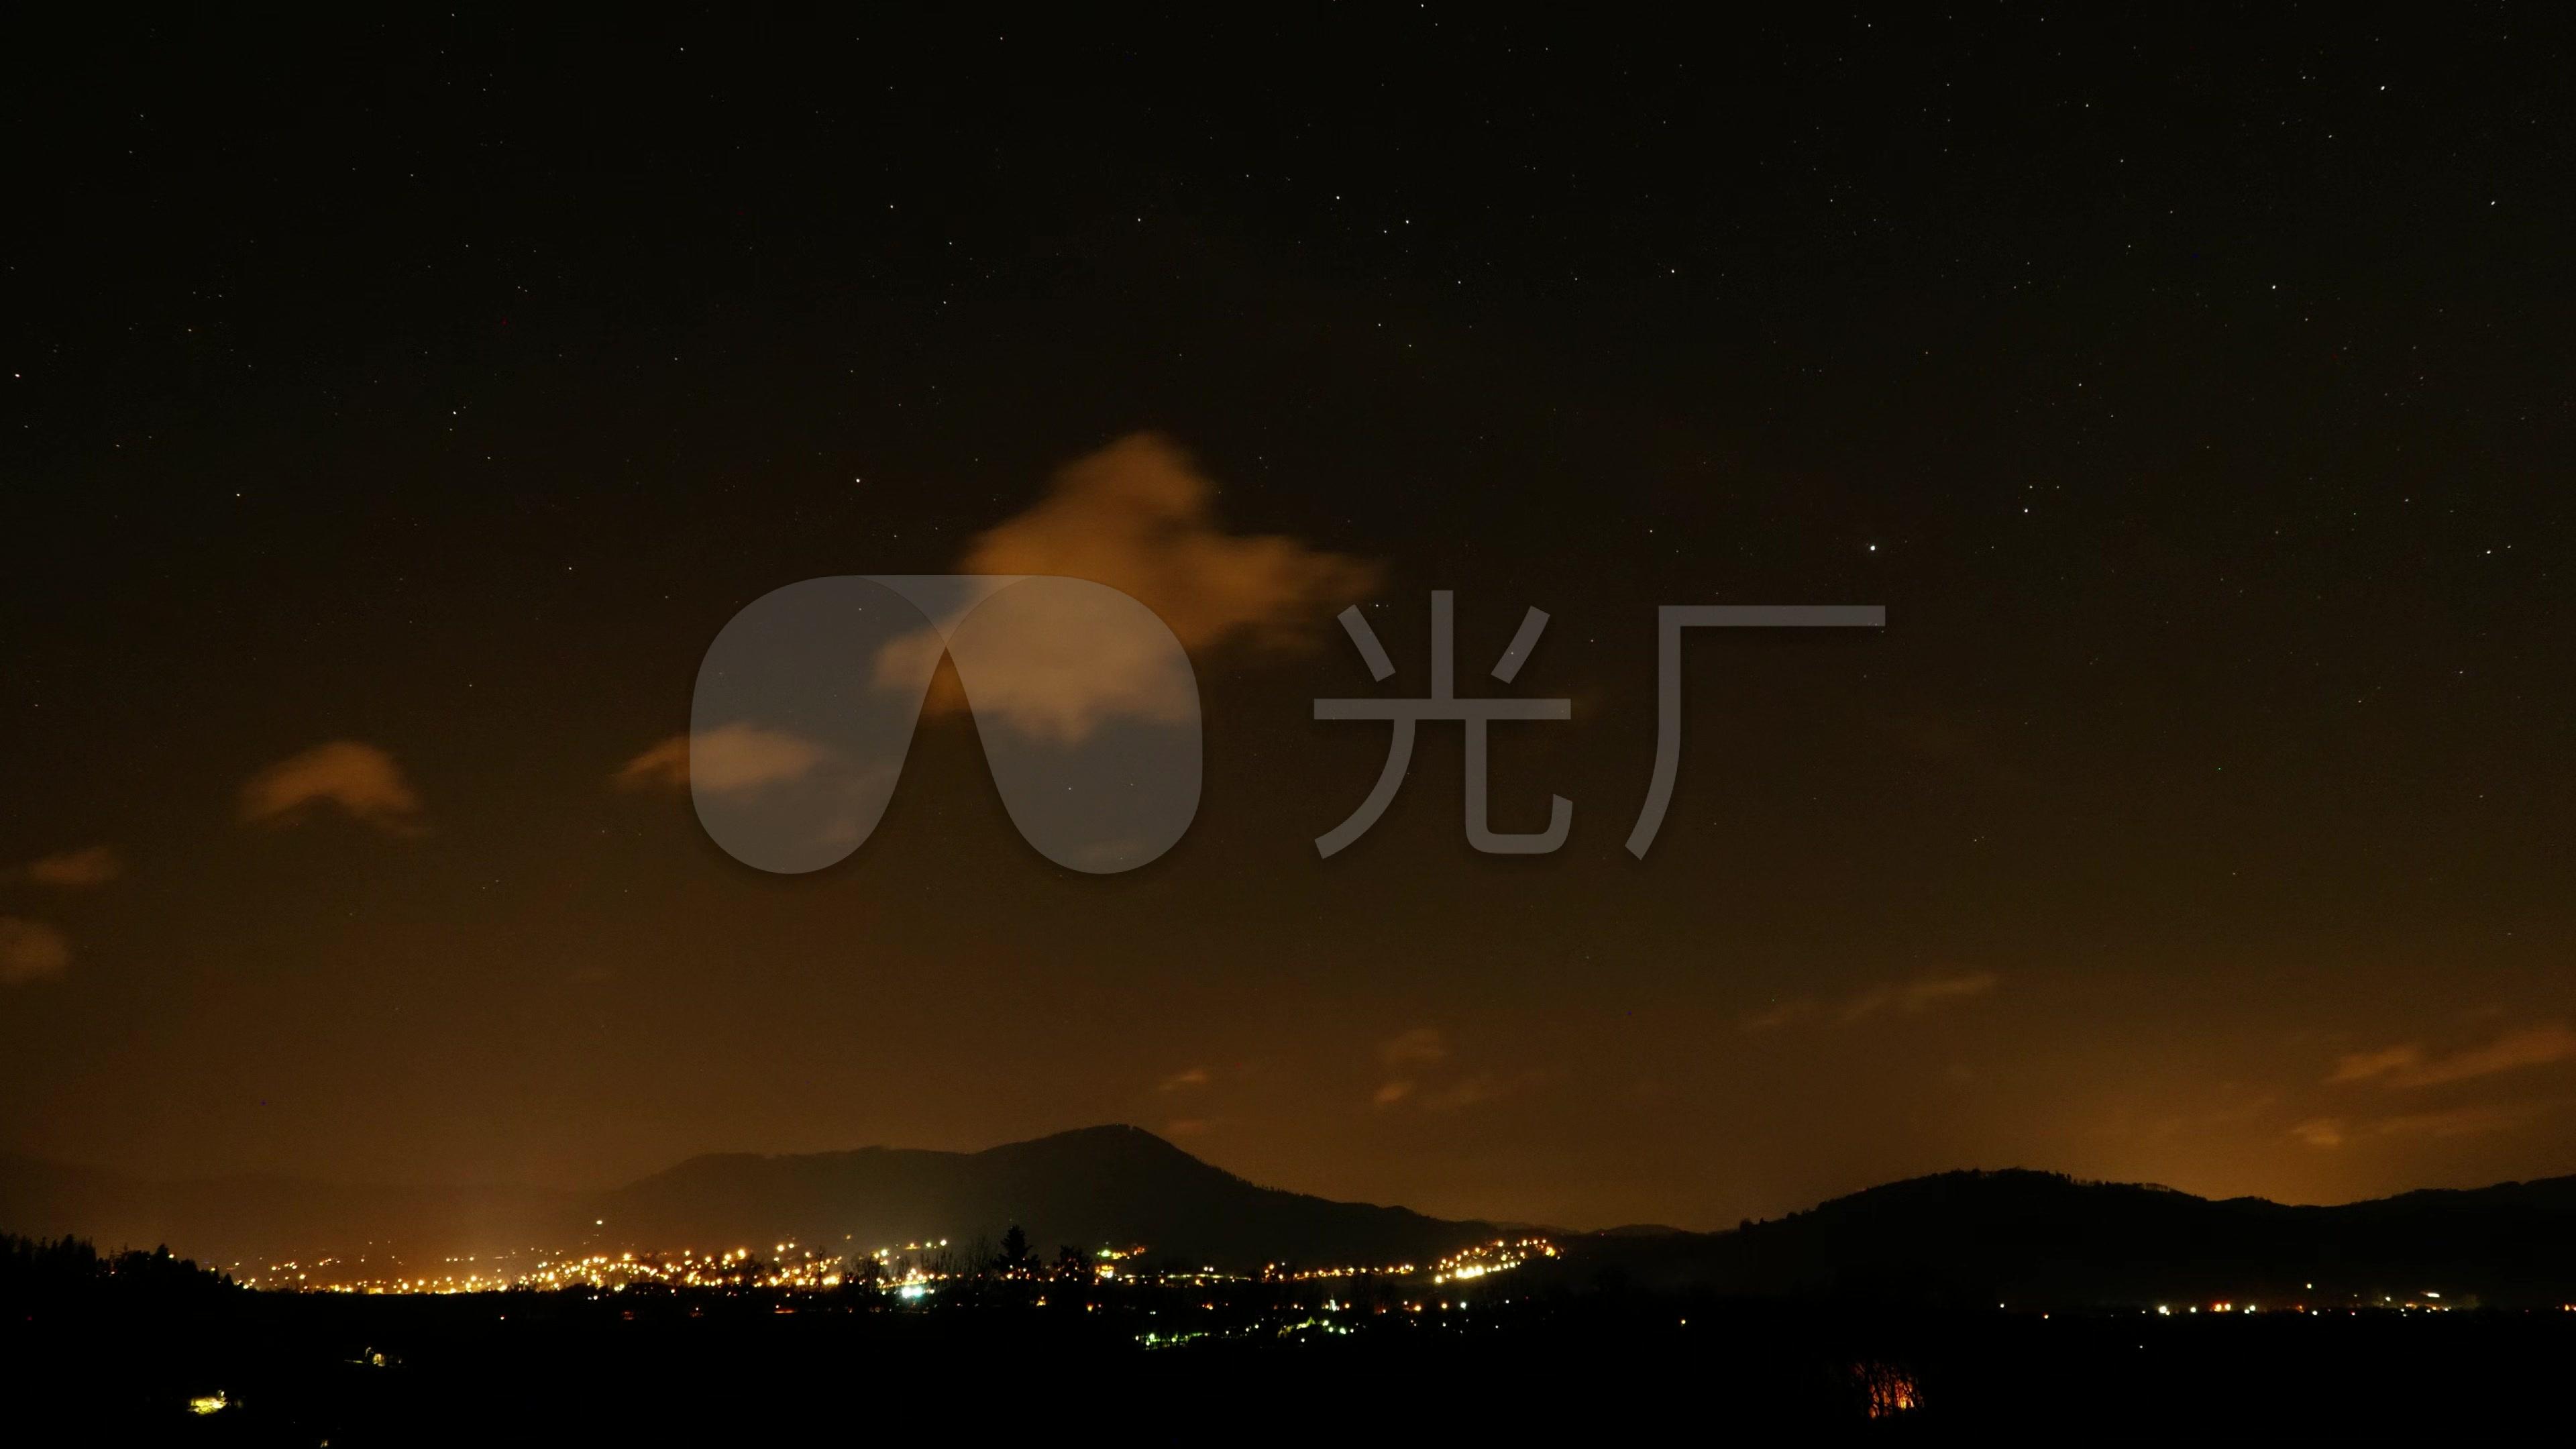 城市夜晚的天空图片